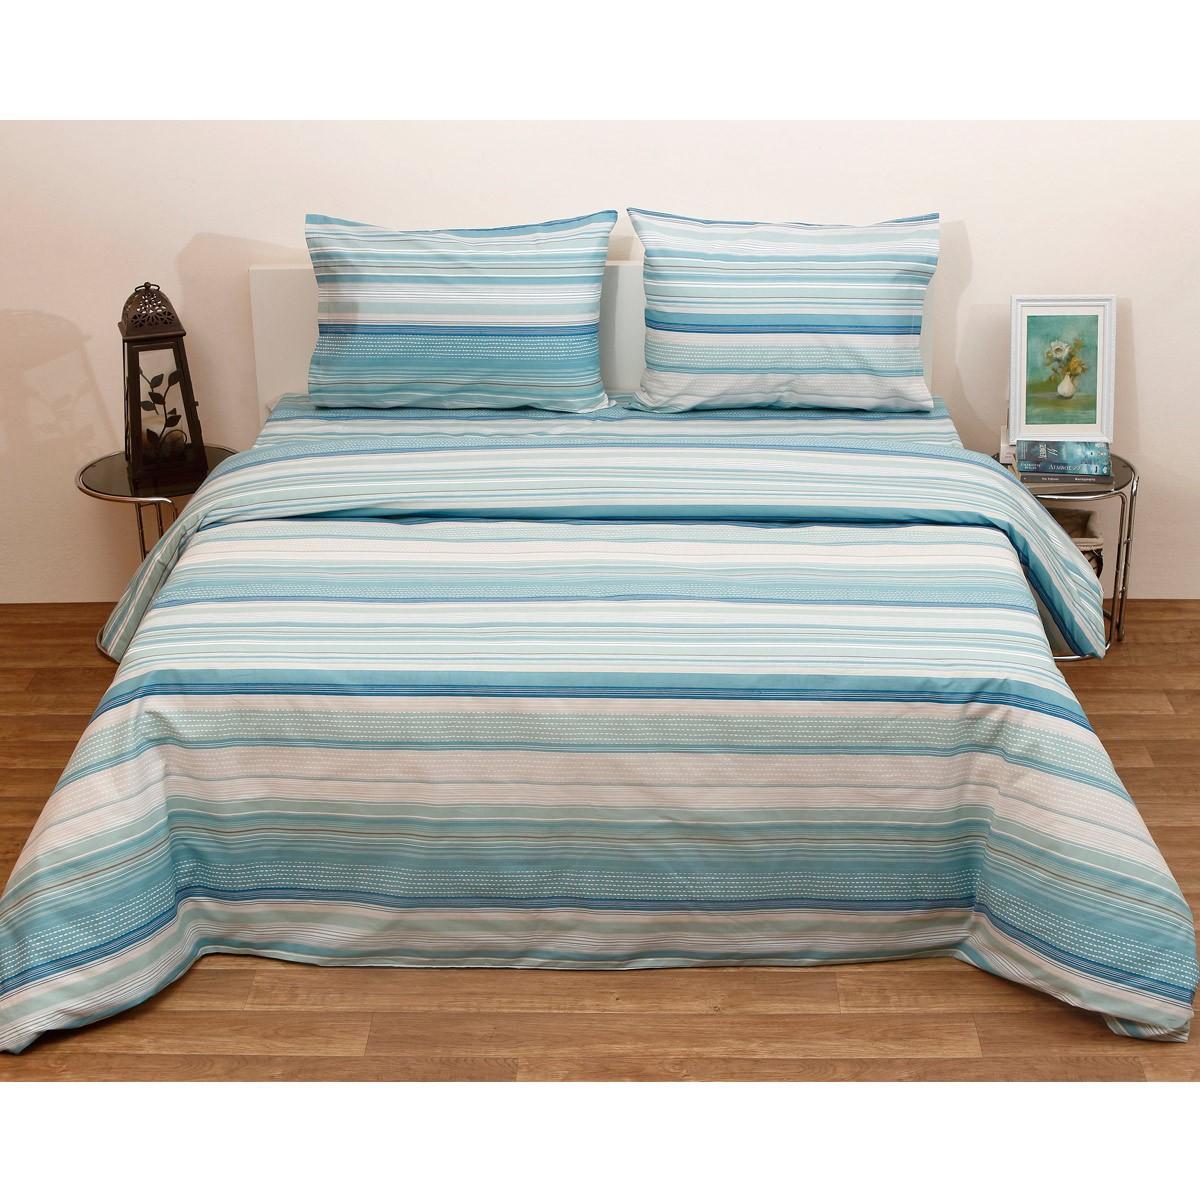 Κουβερλί Ημίδιπλο (Σετ) Viopros Fresh Γκρέυ Πετρόλ home   κρεβατοκάμαρα   κουβερλί   κουβερλί ημίδιπλα   διπλά